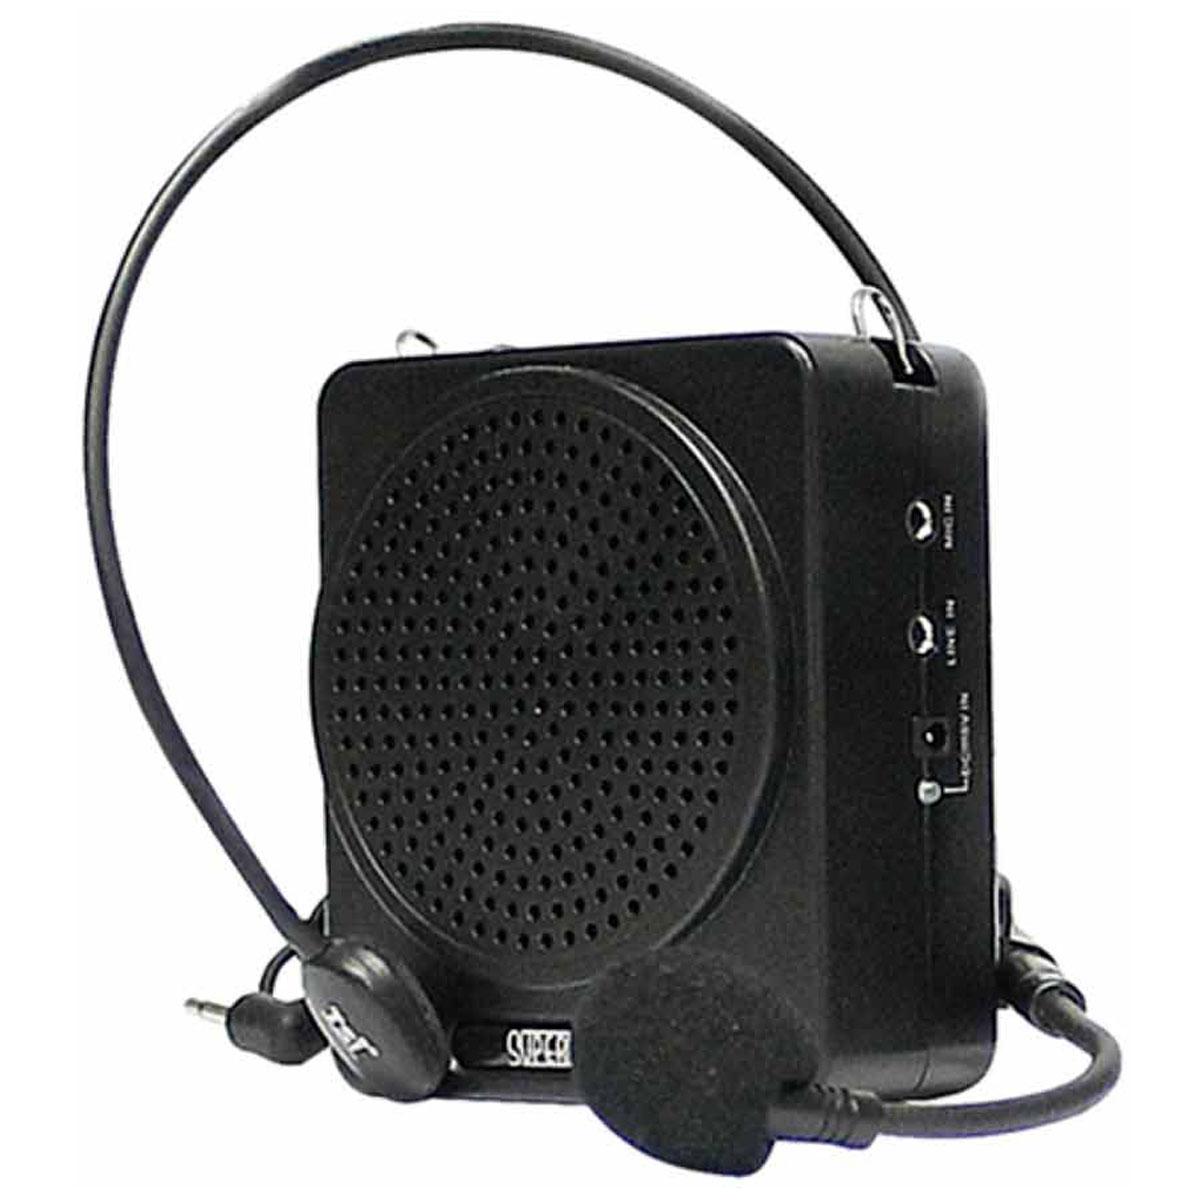 Kit Professor Portátil c/ Caixa + Microfone c/ Fio Supervoz I TSI-625 Preto - TSI